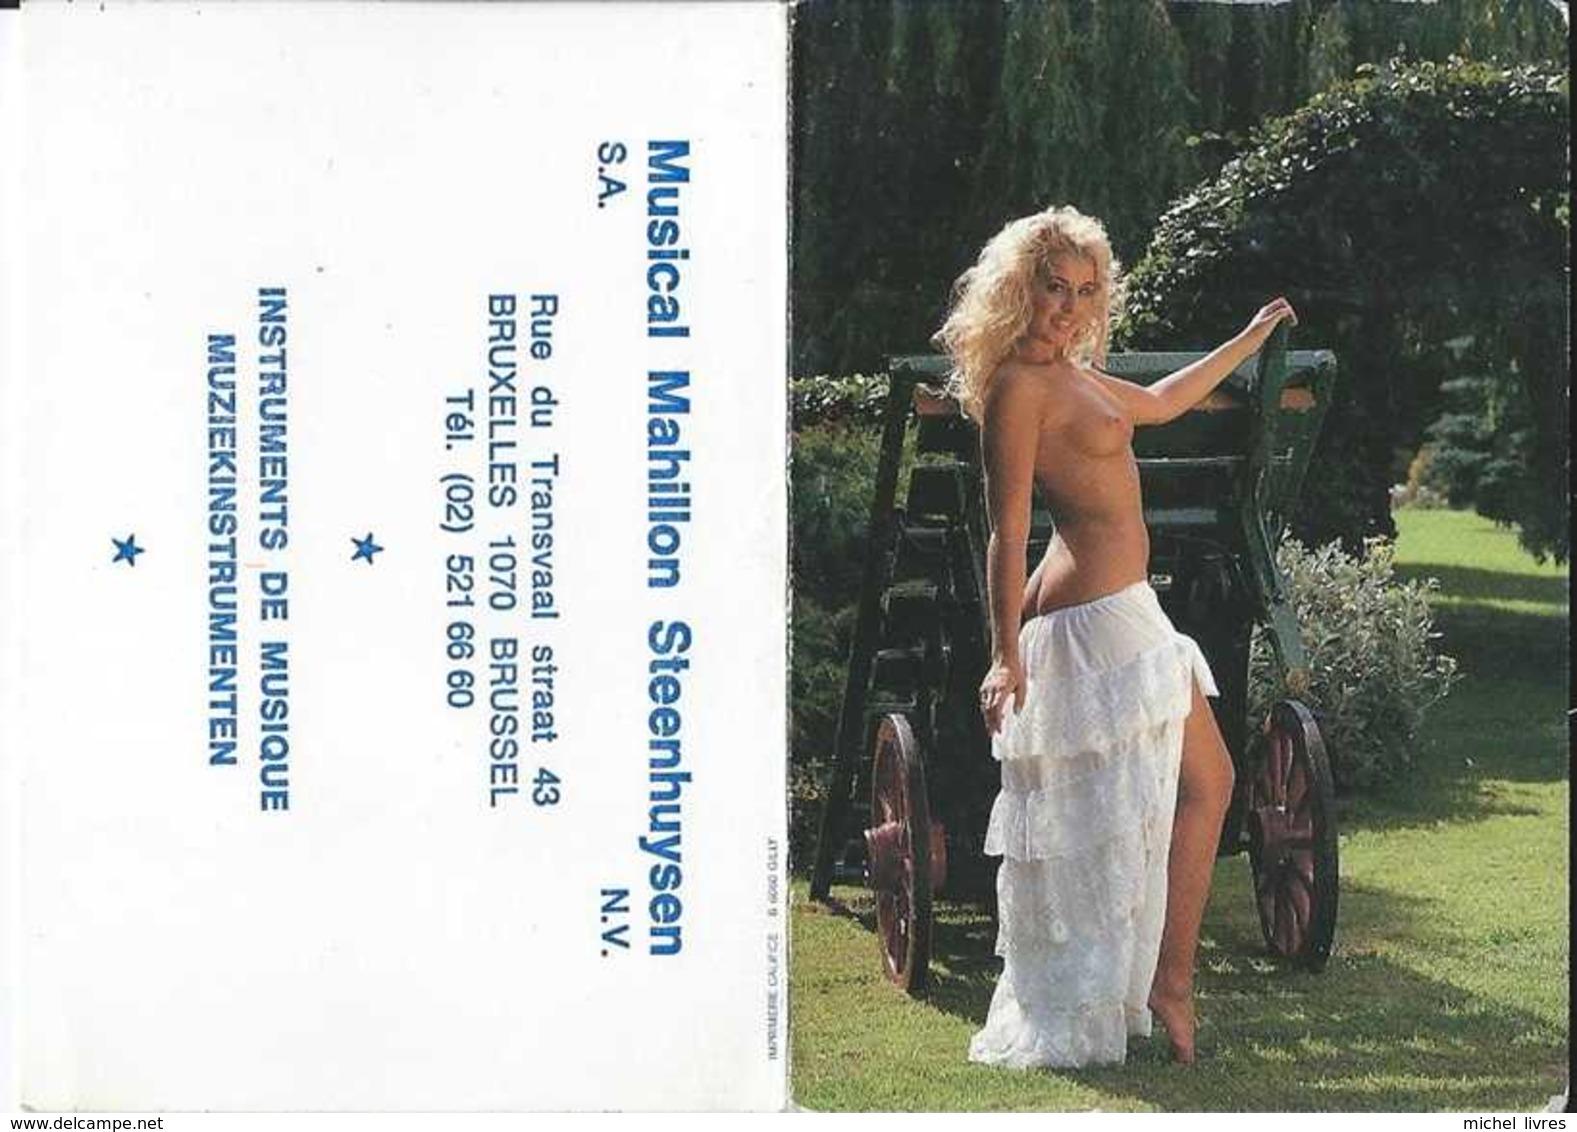 Calendrier De Poche Pin-Up Topless - Musical Mahillon Steenhuizen Anderlecht - 1993 - TBE - Erotiques (…-1960)